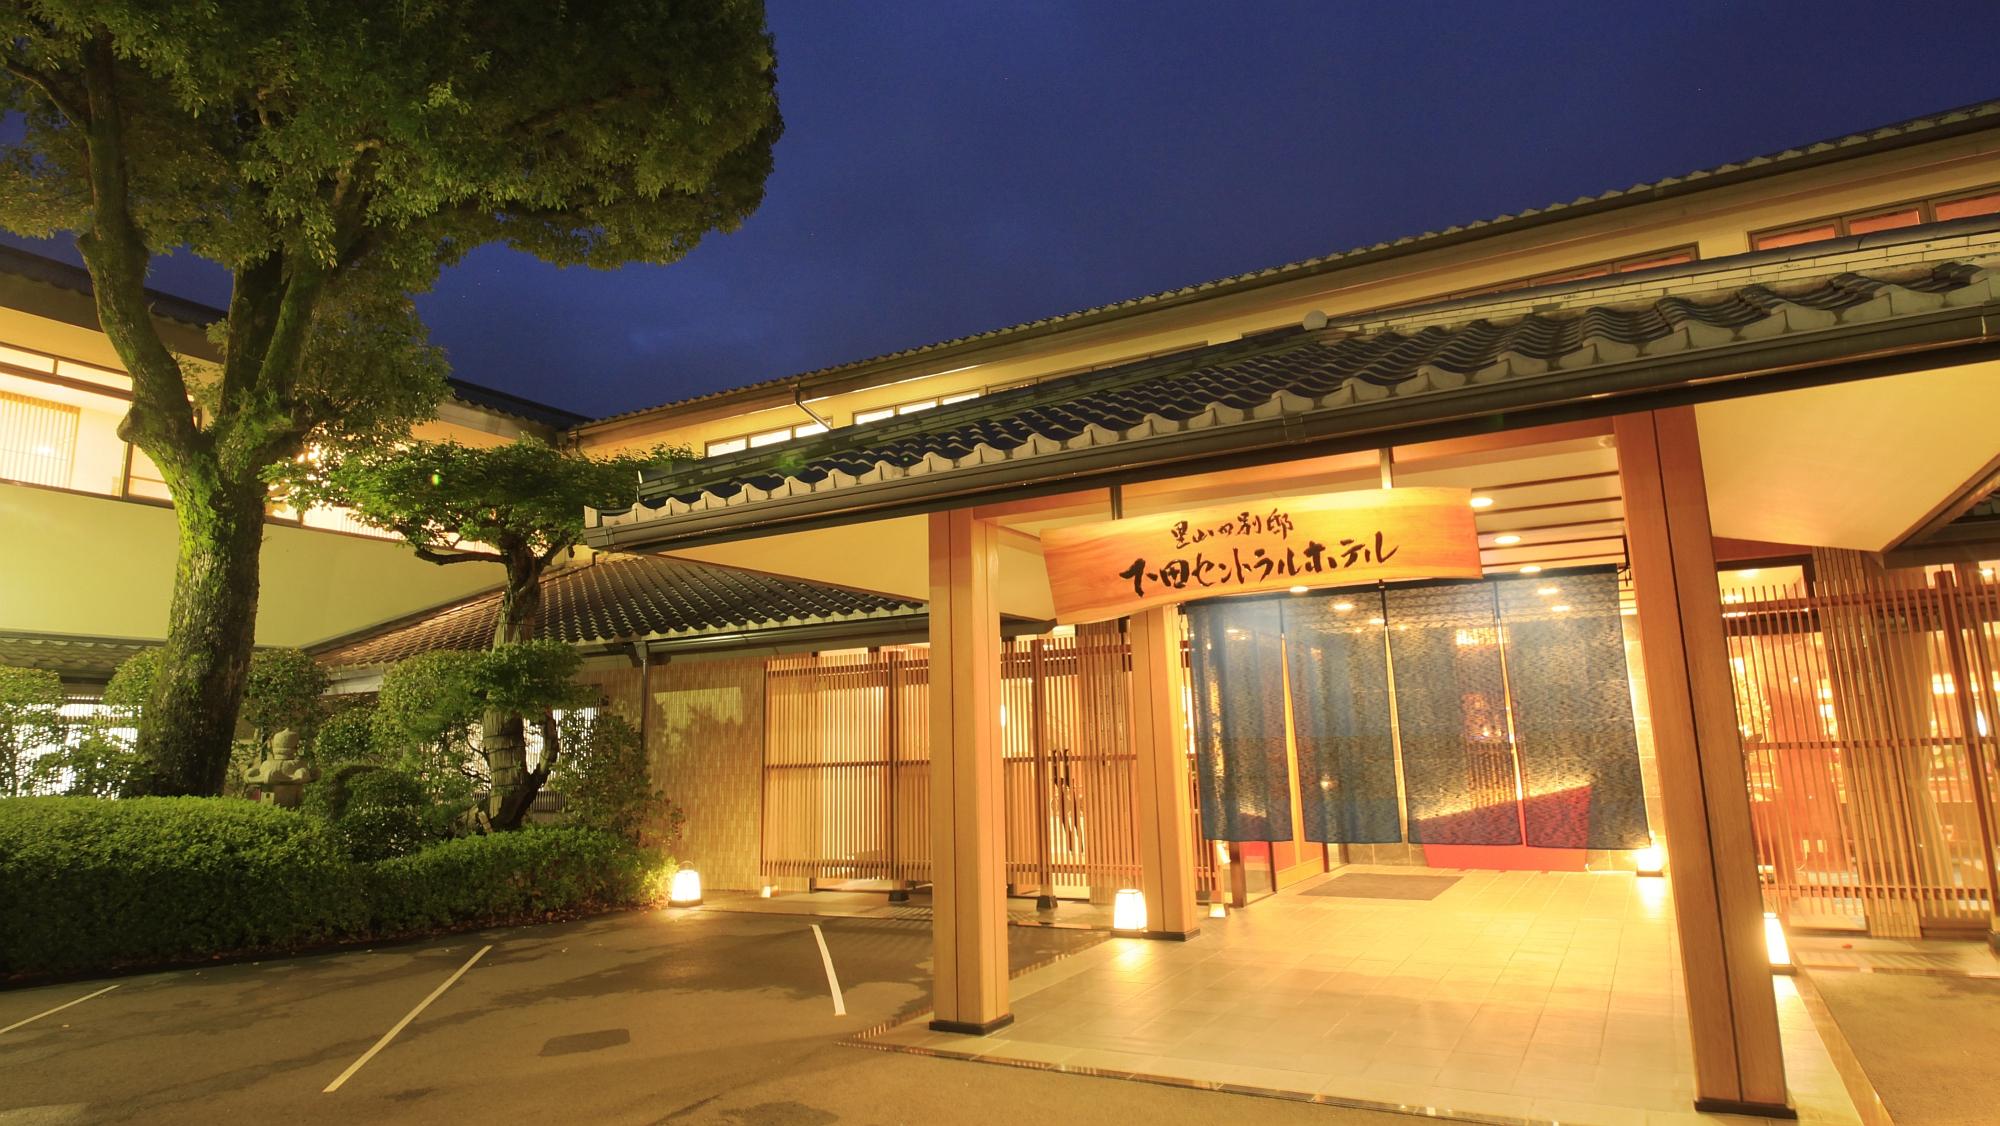 下田 セントラル ホテル◆楽天トラベル